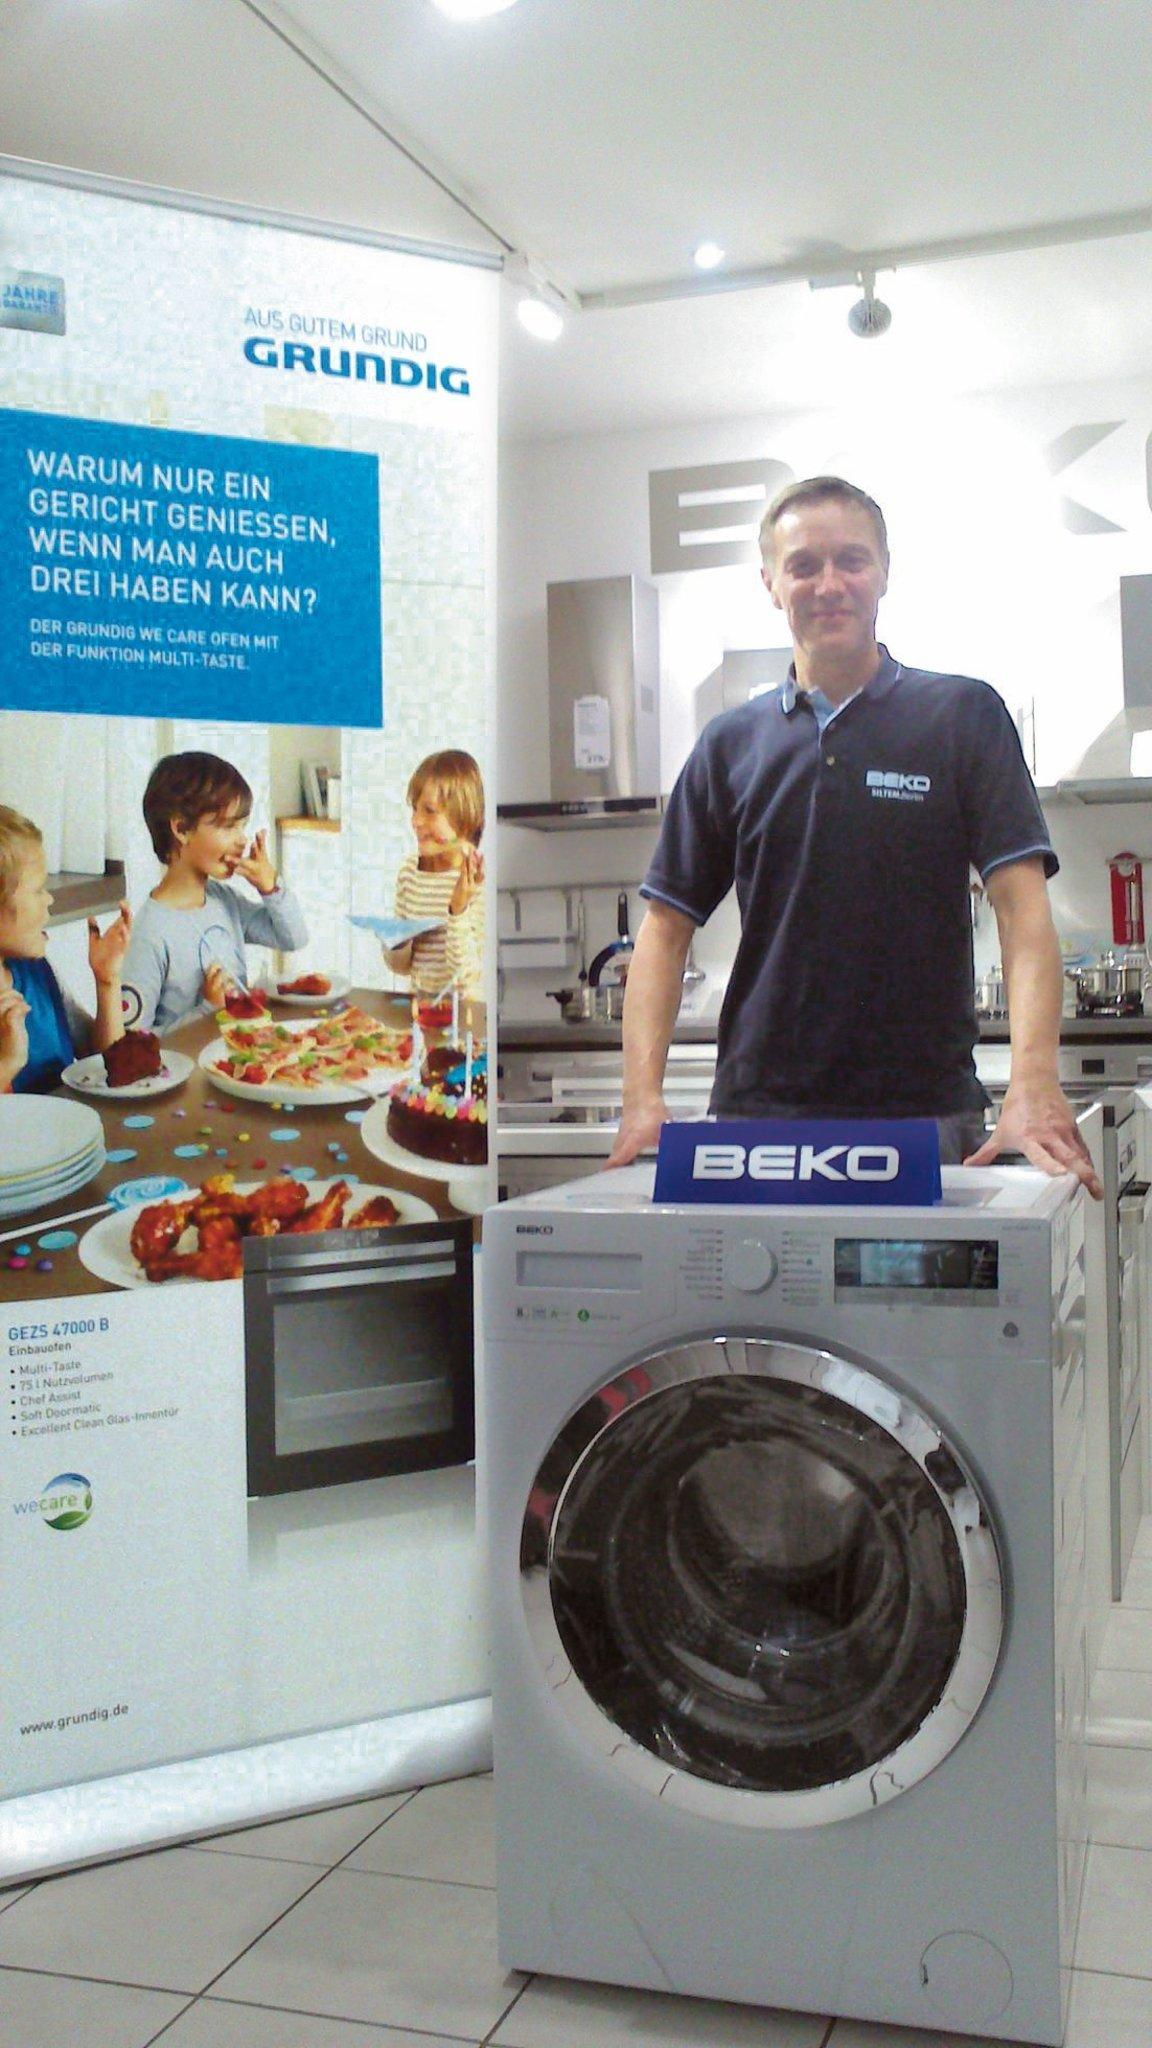 Worauf man beim Gebrauch einer Waschmaschine achten muss - Kreuzberg